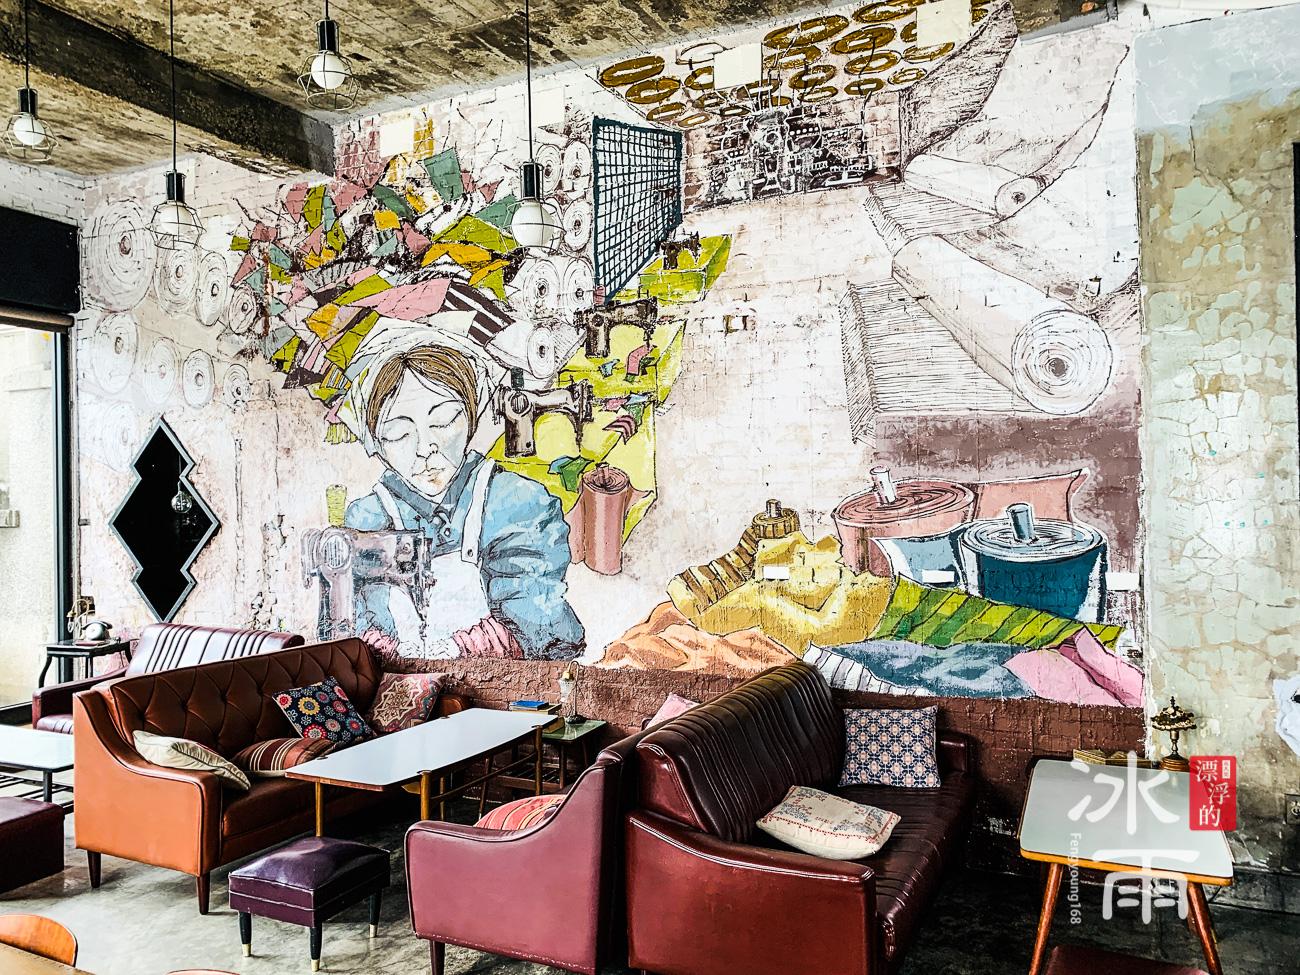 非常精緻的牆面手繪風格壁畫,在這個空間內畫龍點睛。